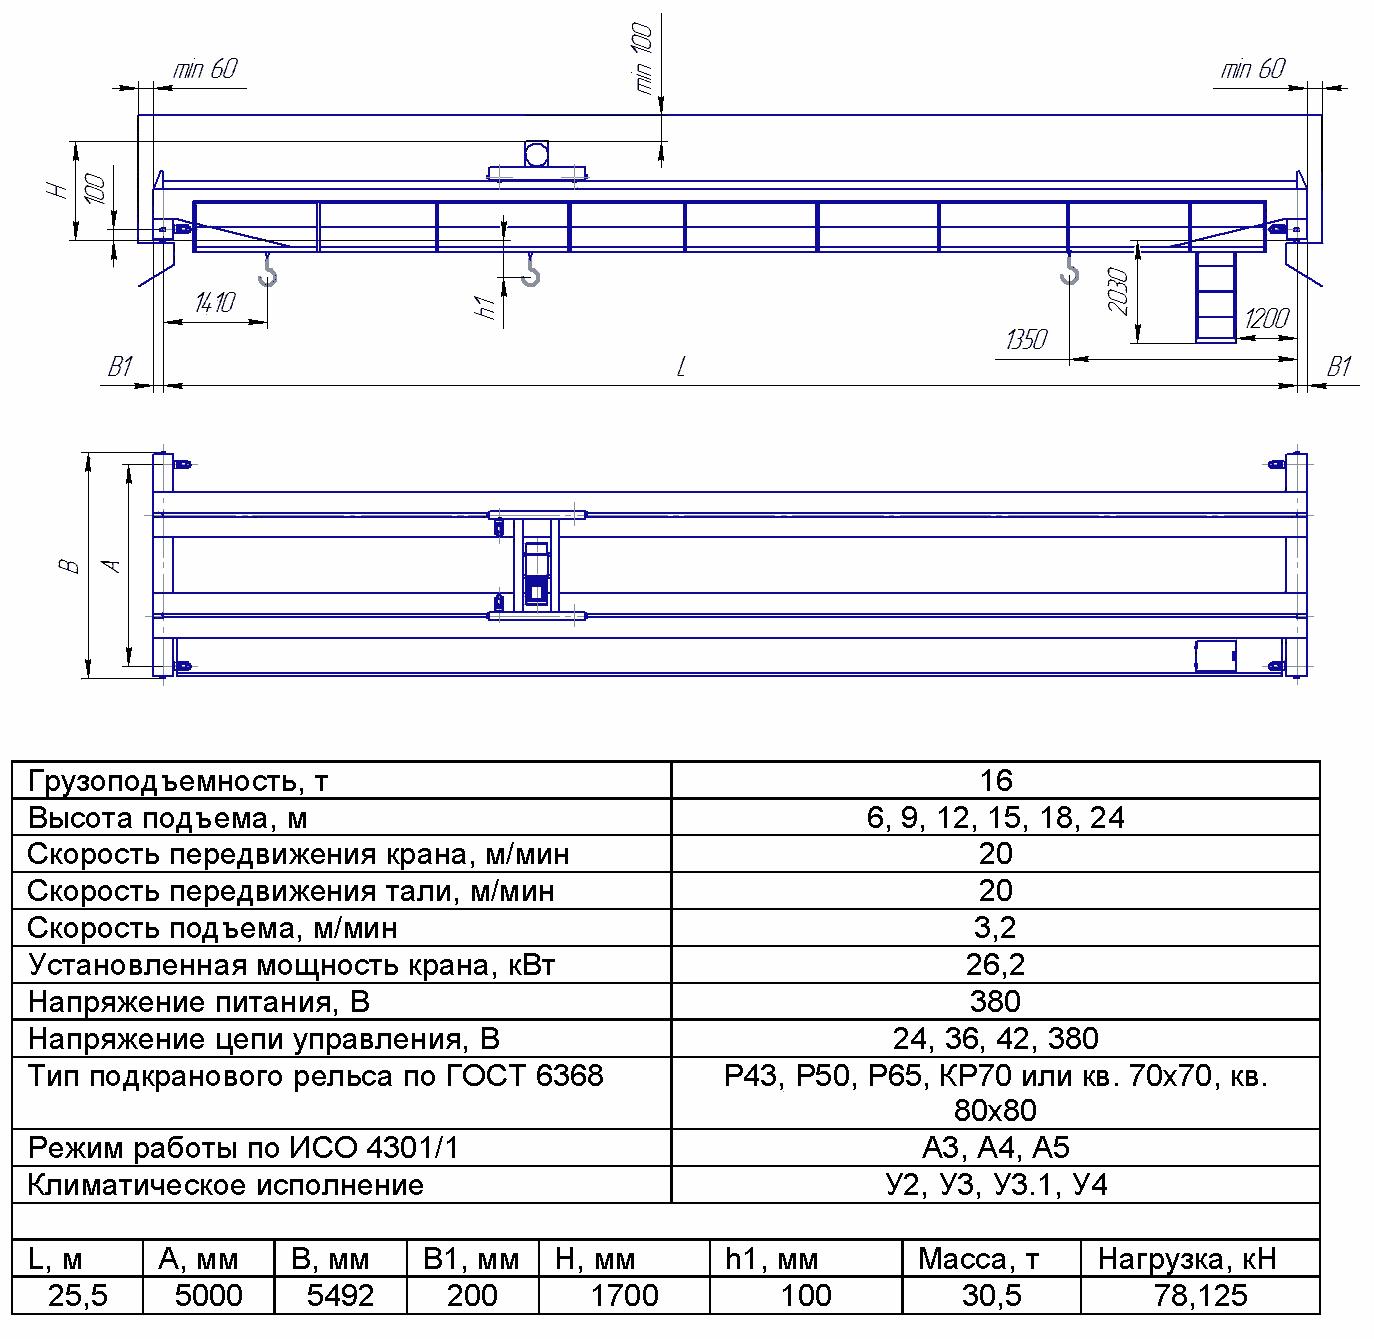 KMON 4 6 - Опорный мостовой кран общего назначения